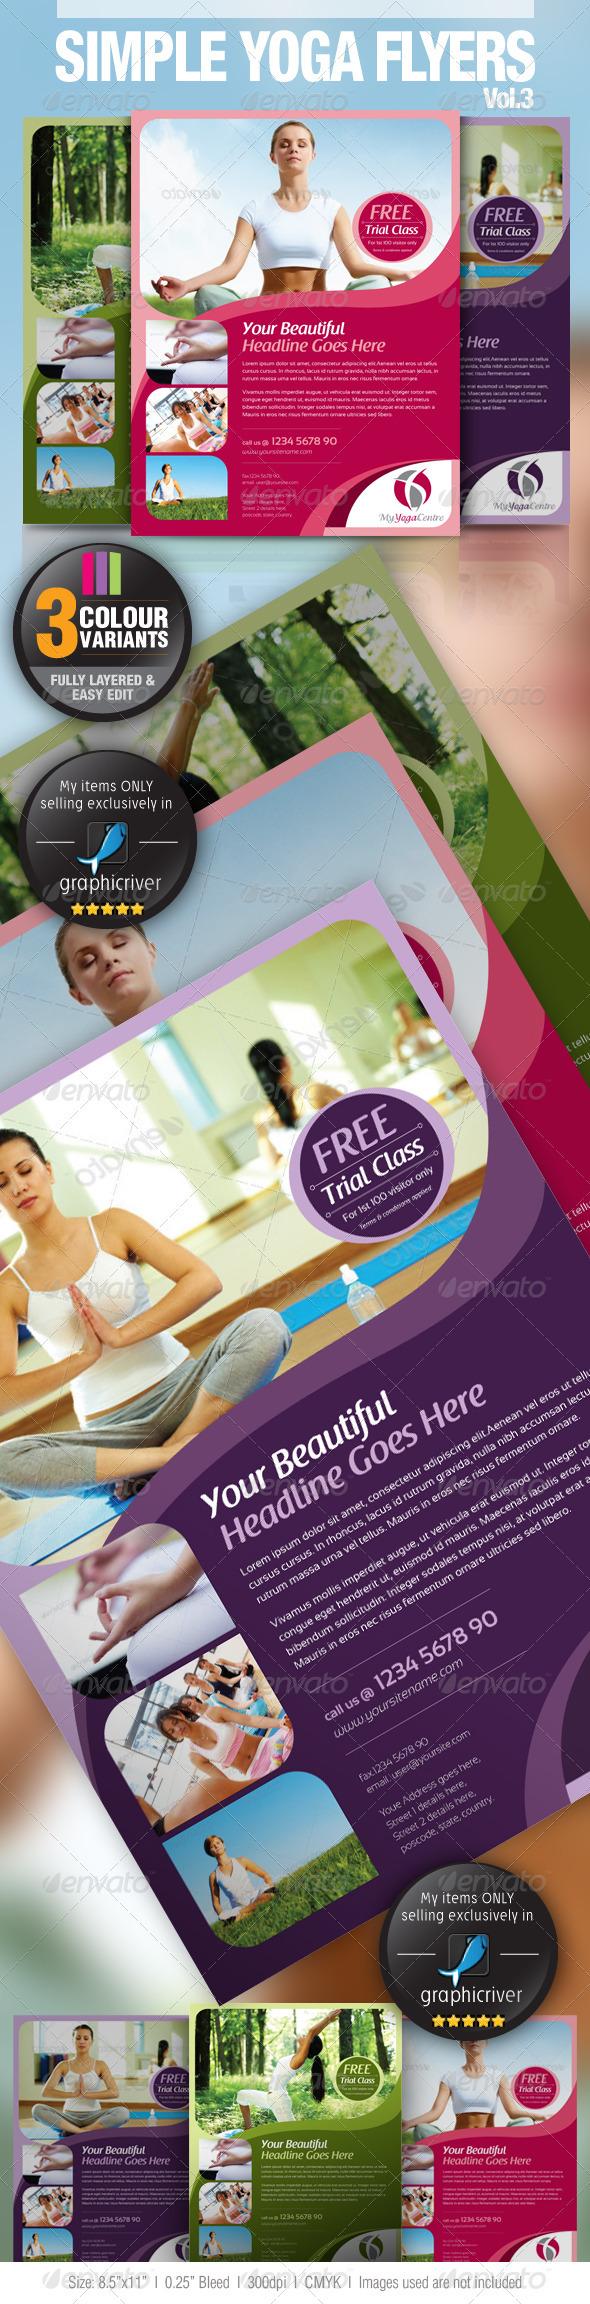 GraphicRiver Simple Yoga Flyer Vol.3 2883586